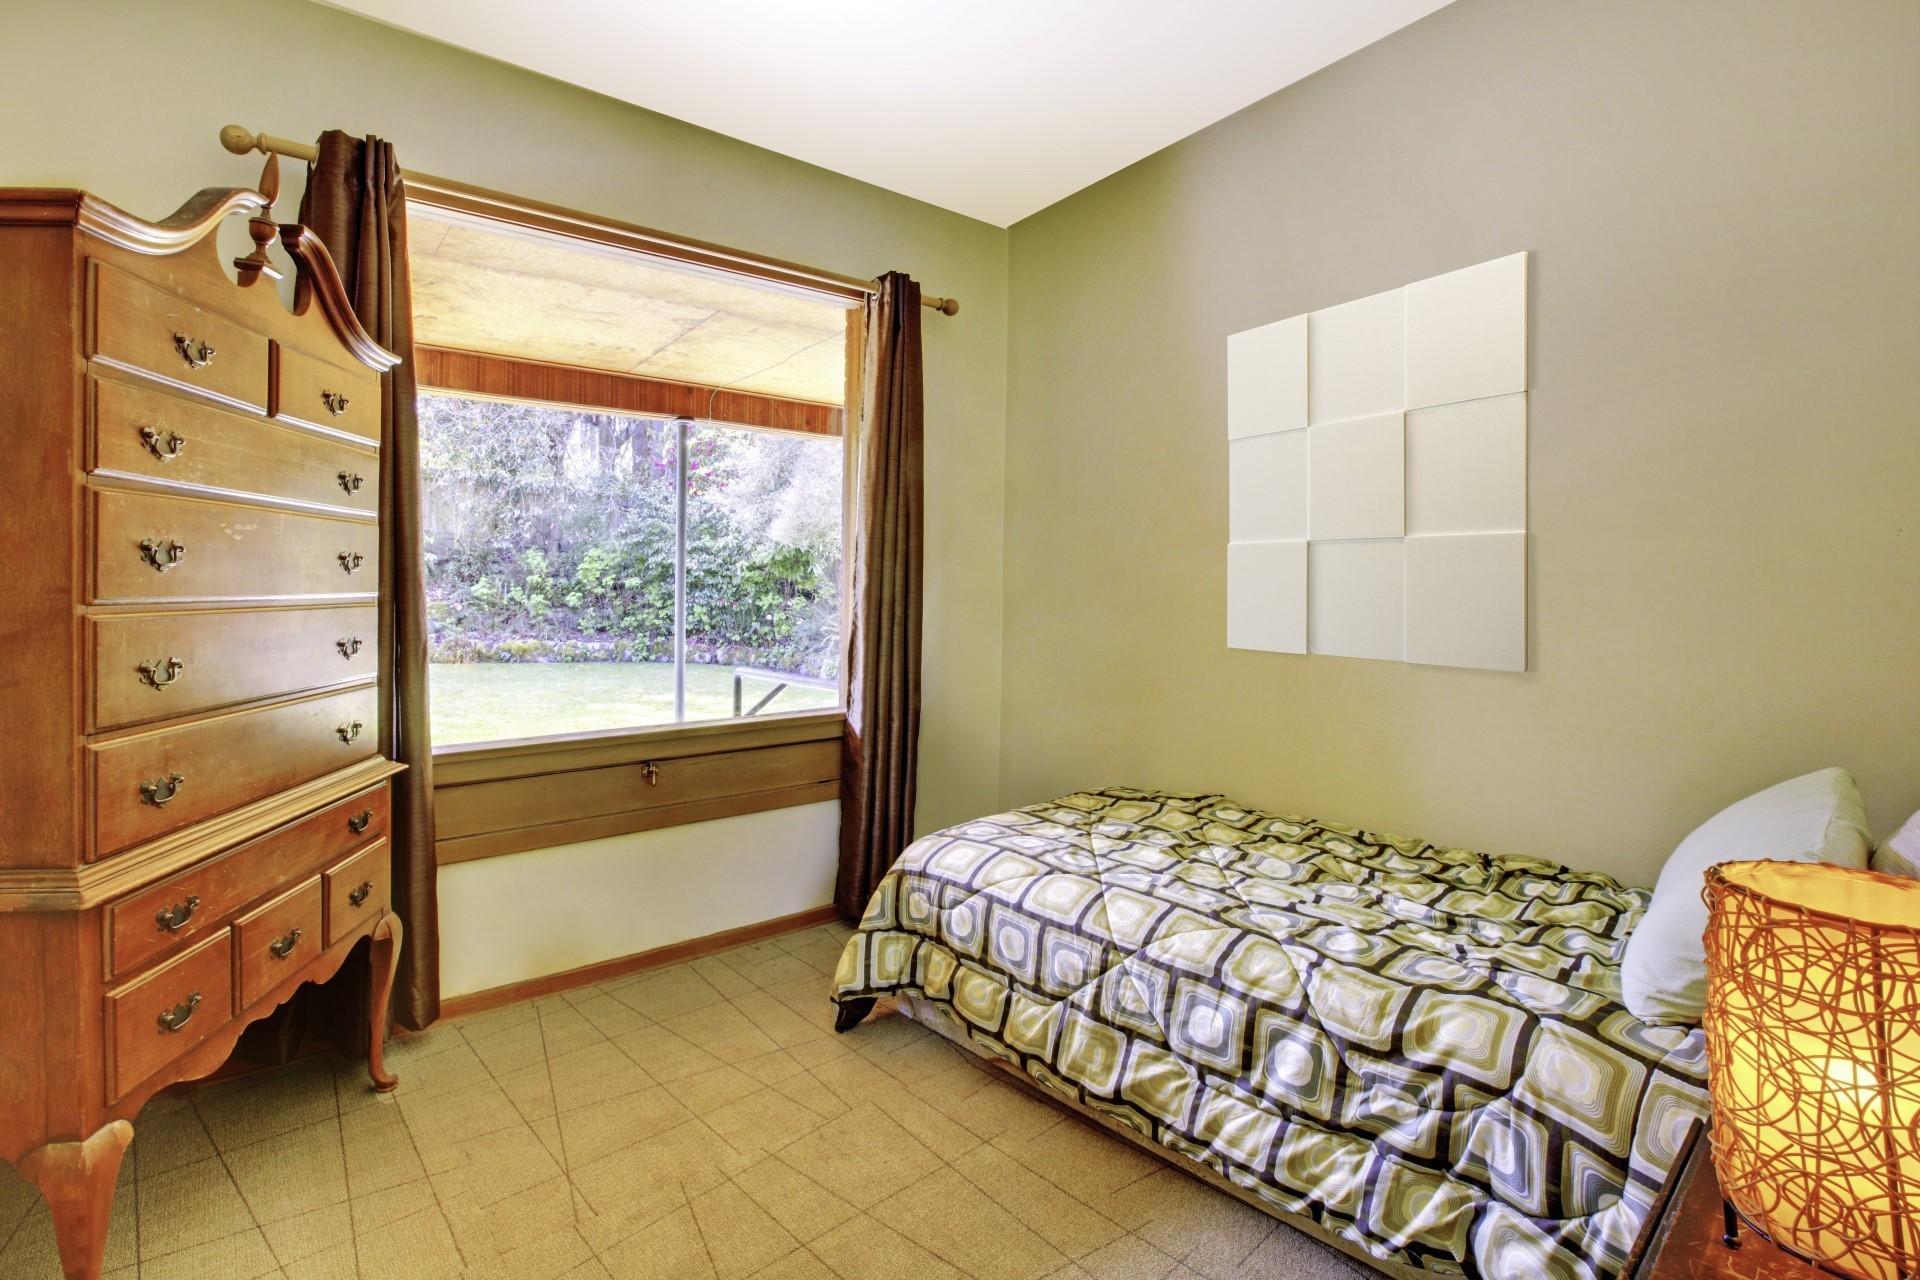 обустройство спальни 12 кв м